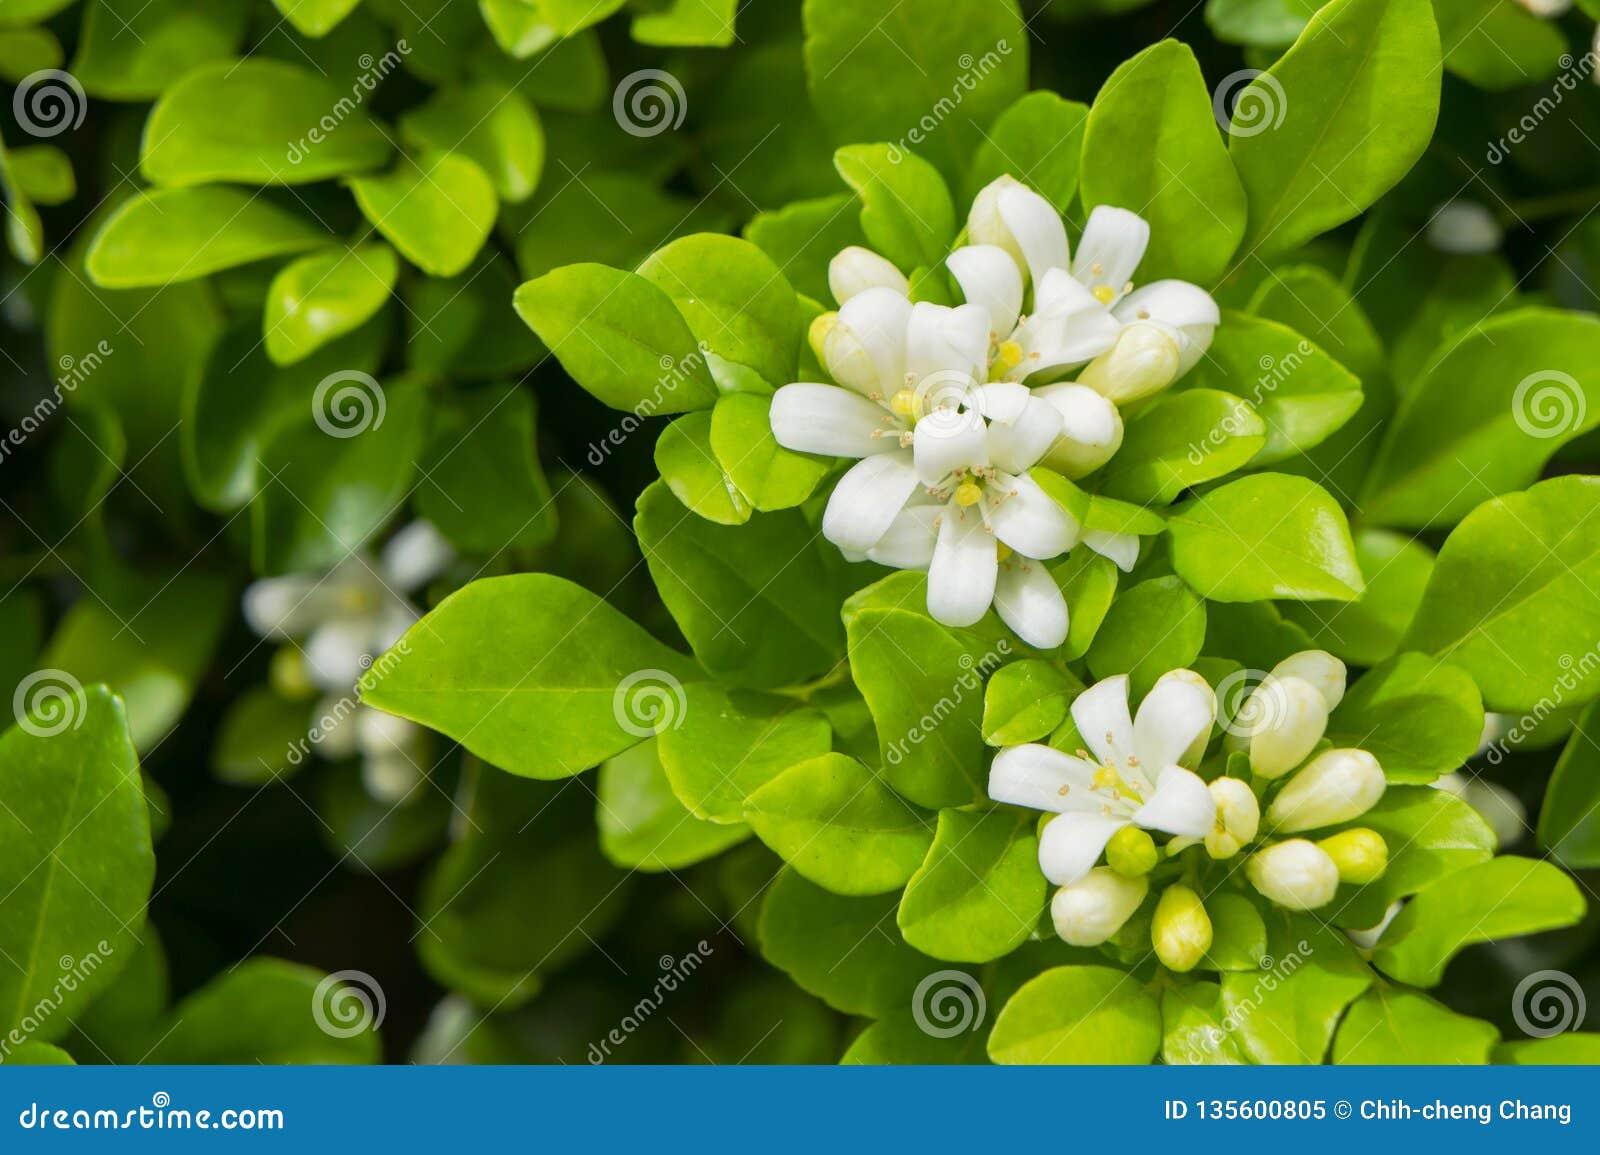 The White Murraya Paniculata Flower Stock Image Image Of Beautiful Jasmine 135600805